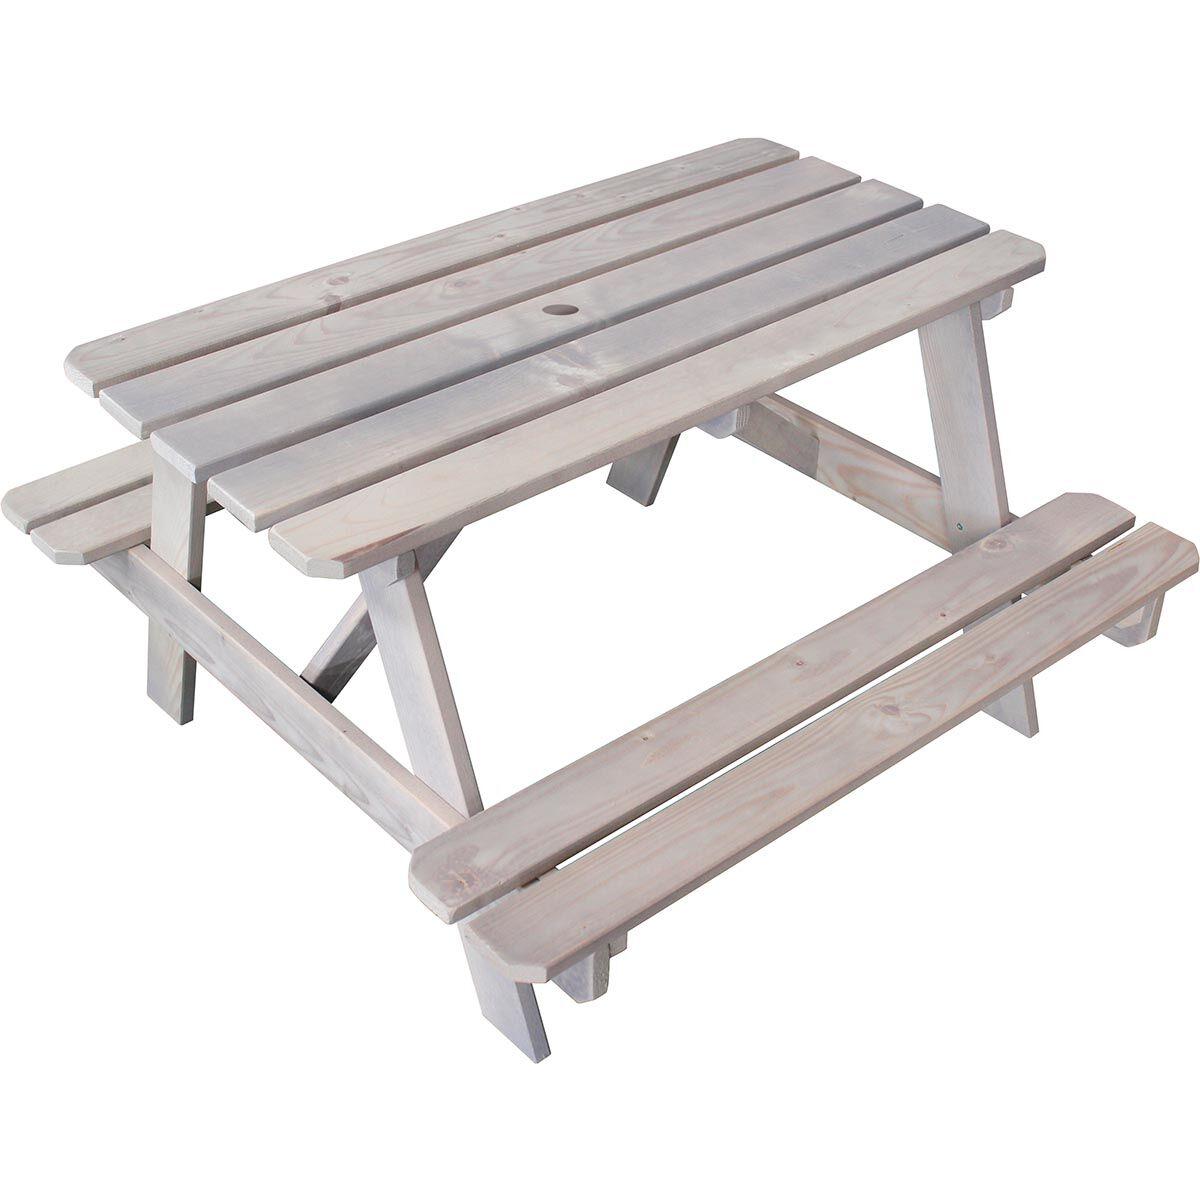 SOULET Table de pique-nique en bois pour enfant - Picnic